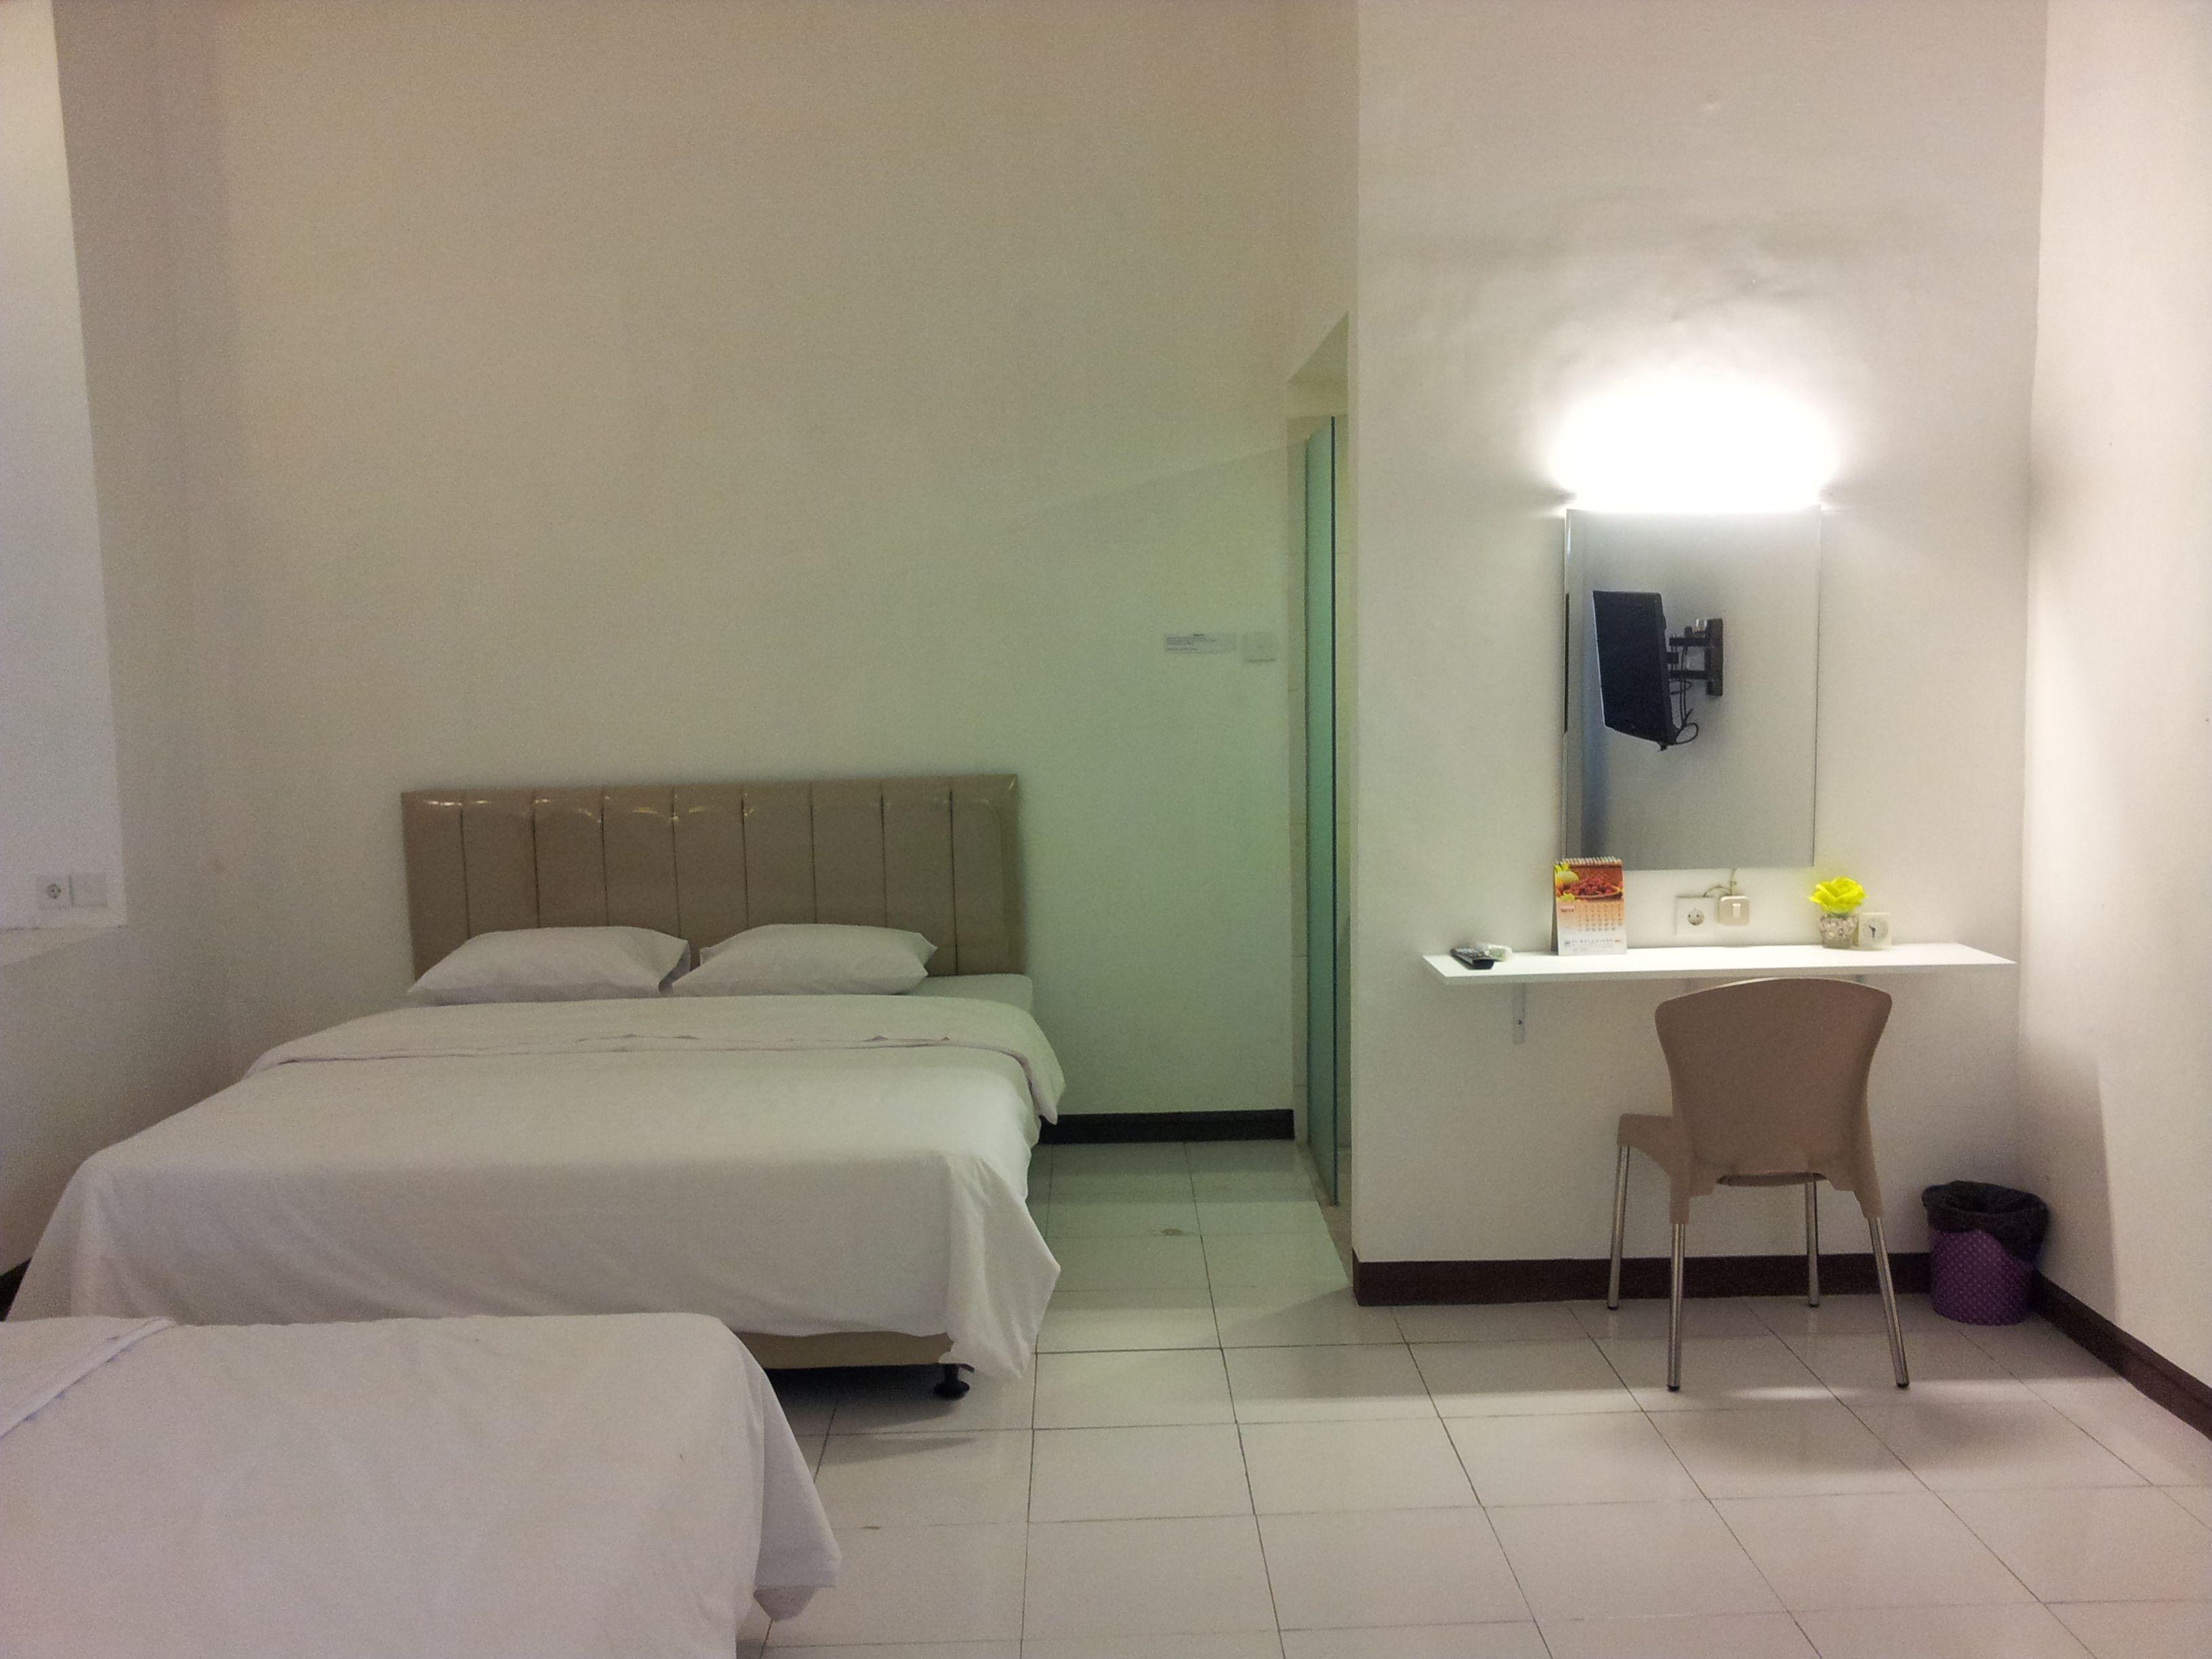 Loxy inn Surabaya, Surabaya